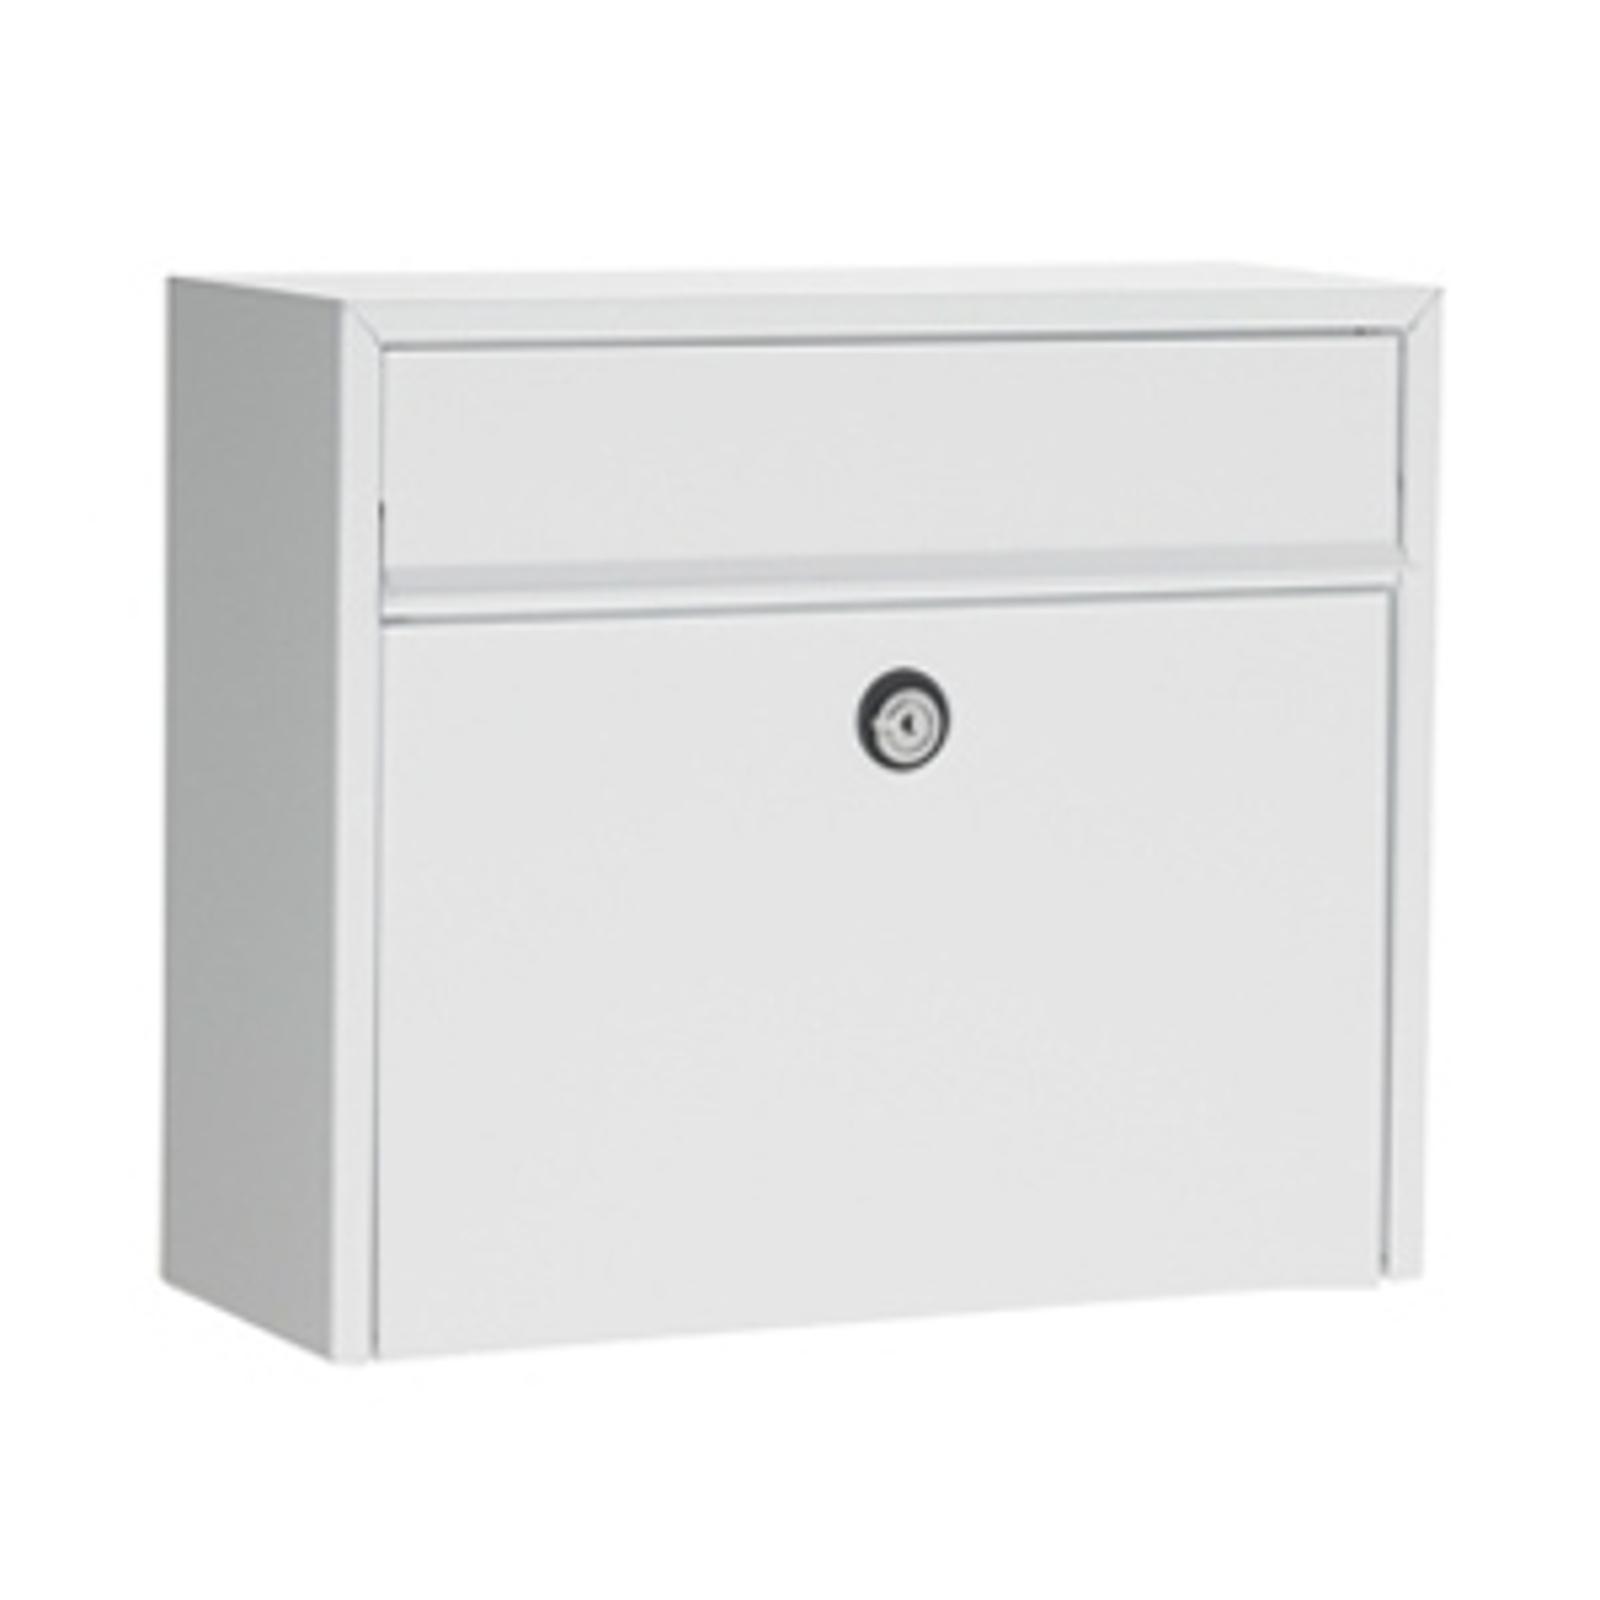 Jednoduchá poštovní schránka LT150, bílá, Euro